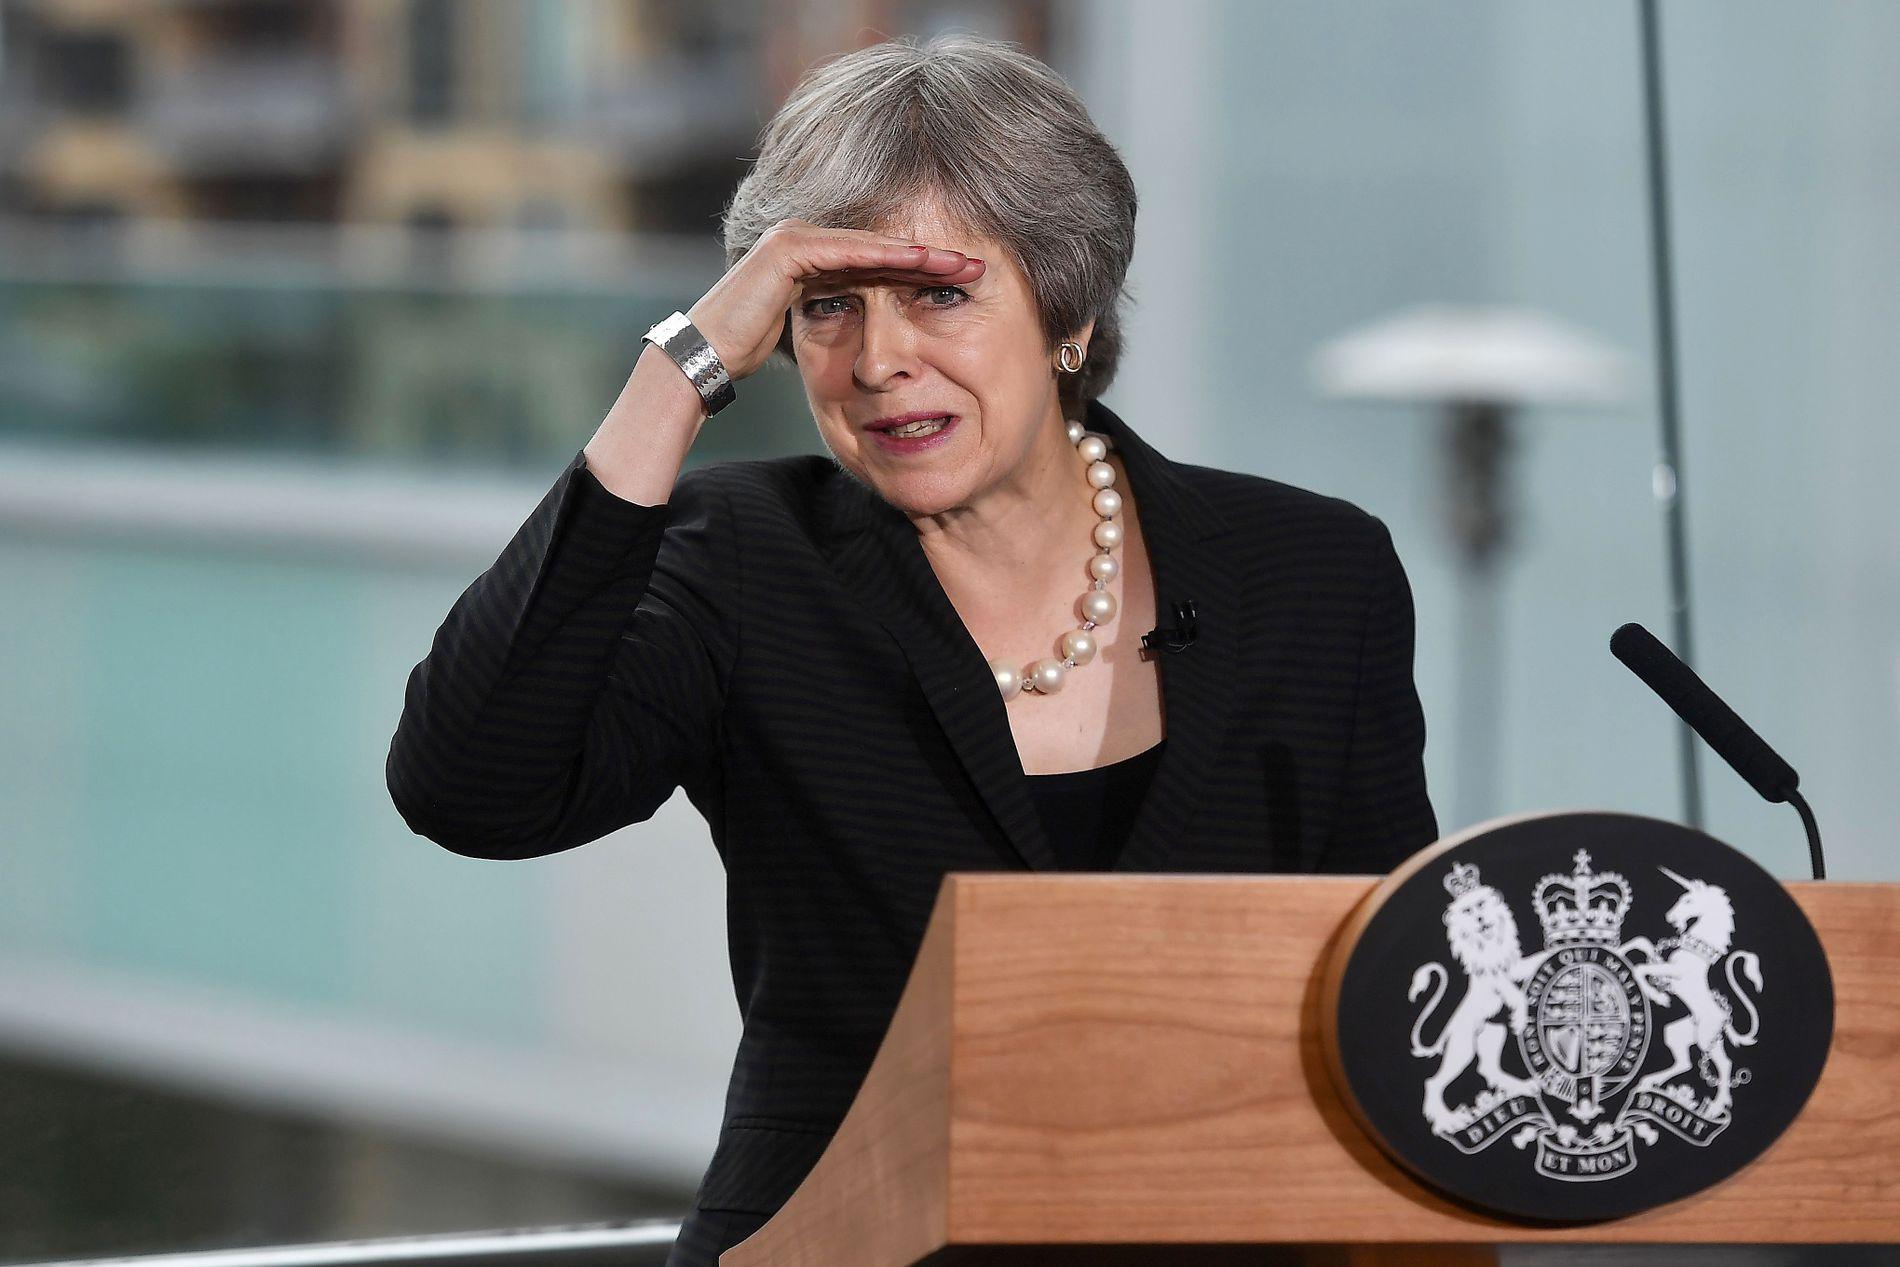 «EXIT» I SIKTE? Statsminister Theresa May er i ferd med å drukne i kritikk fra både partifeller og opposisjonen. Også velgerne snur nå ryggen til hennes nye brexit-forslag.